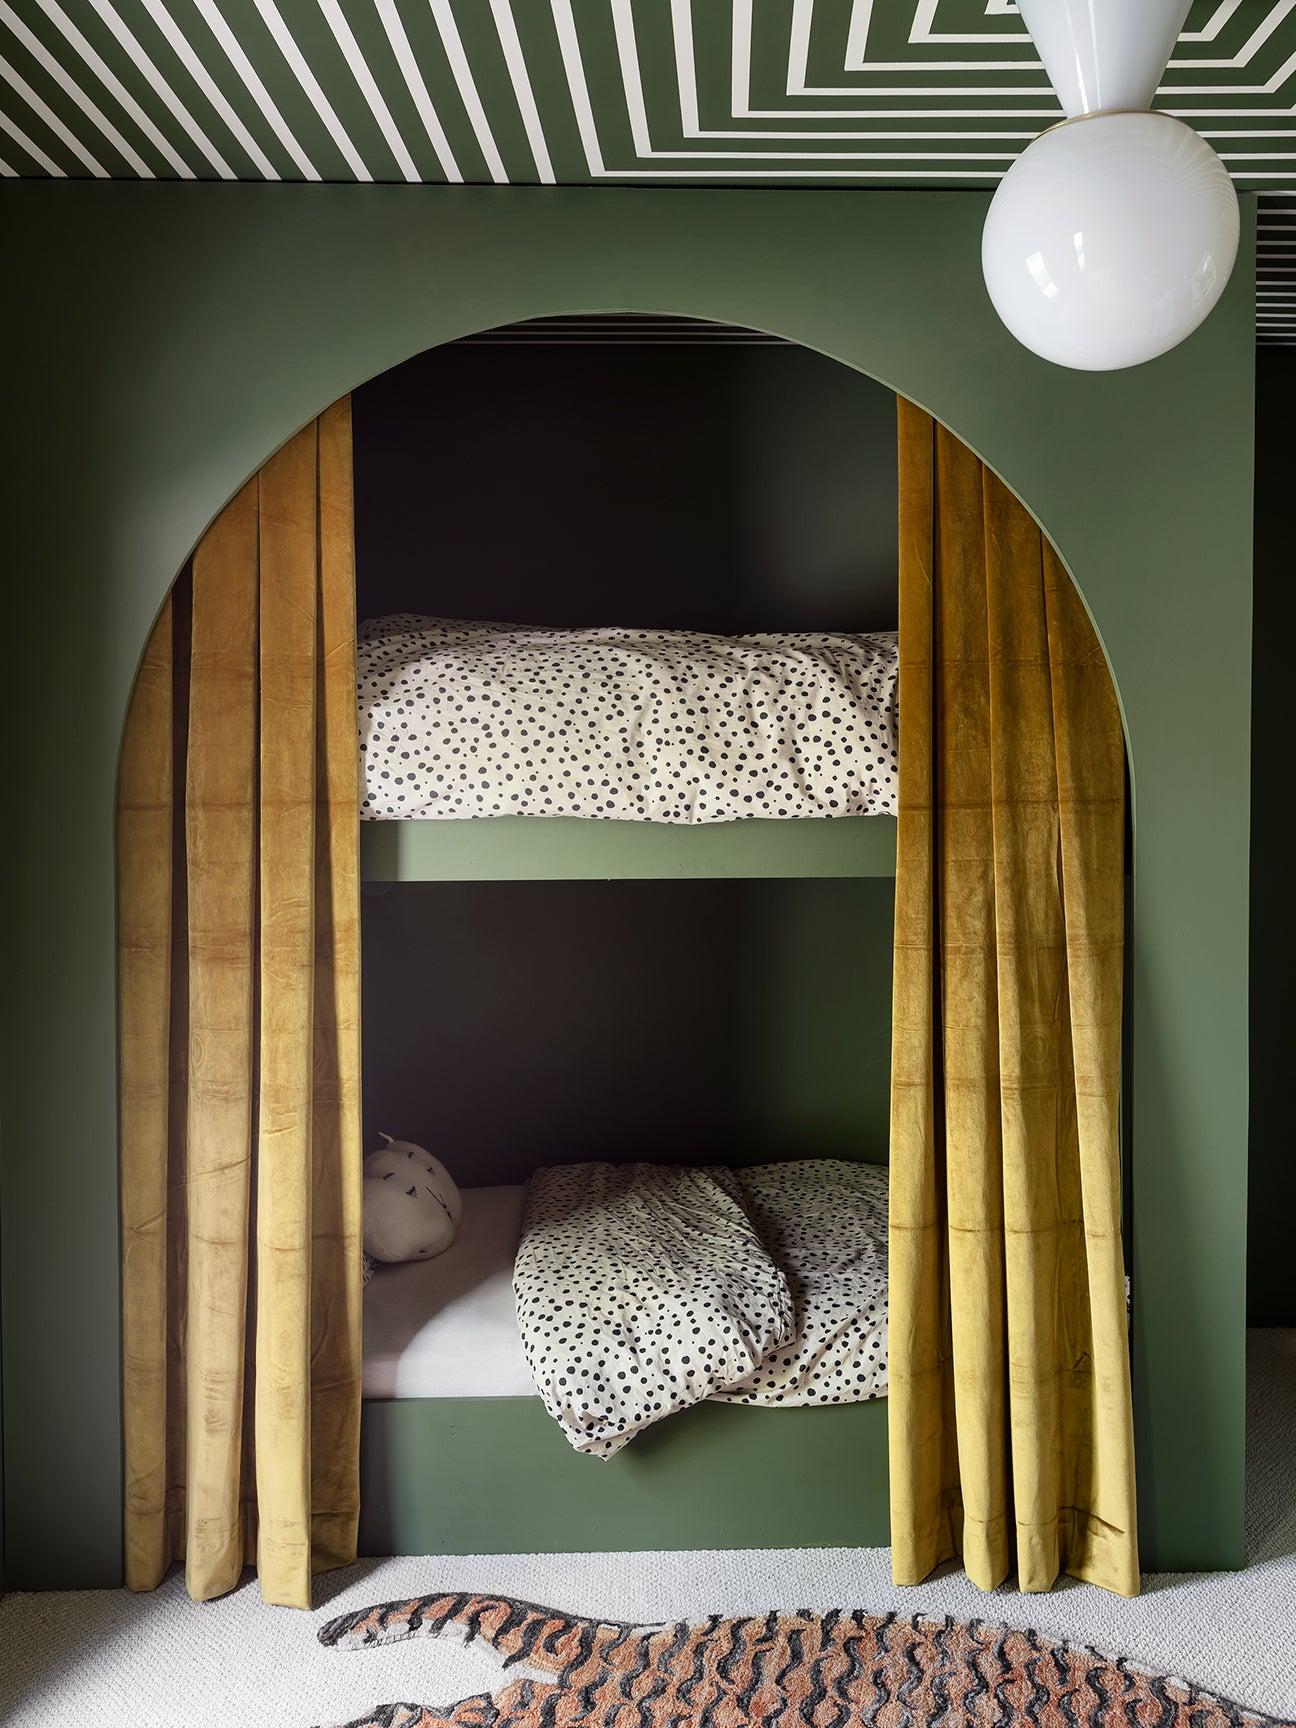 00-FEATURE-Sarah-Sherman-Samuels-bunk-beds-domino